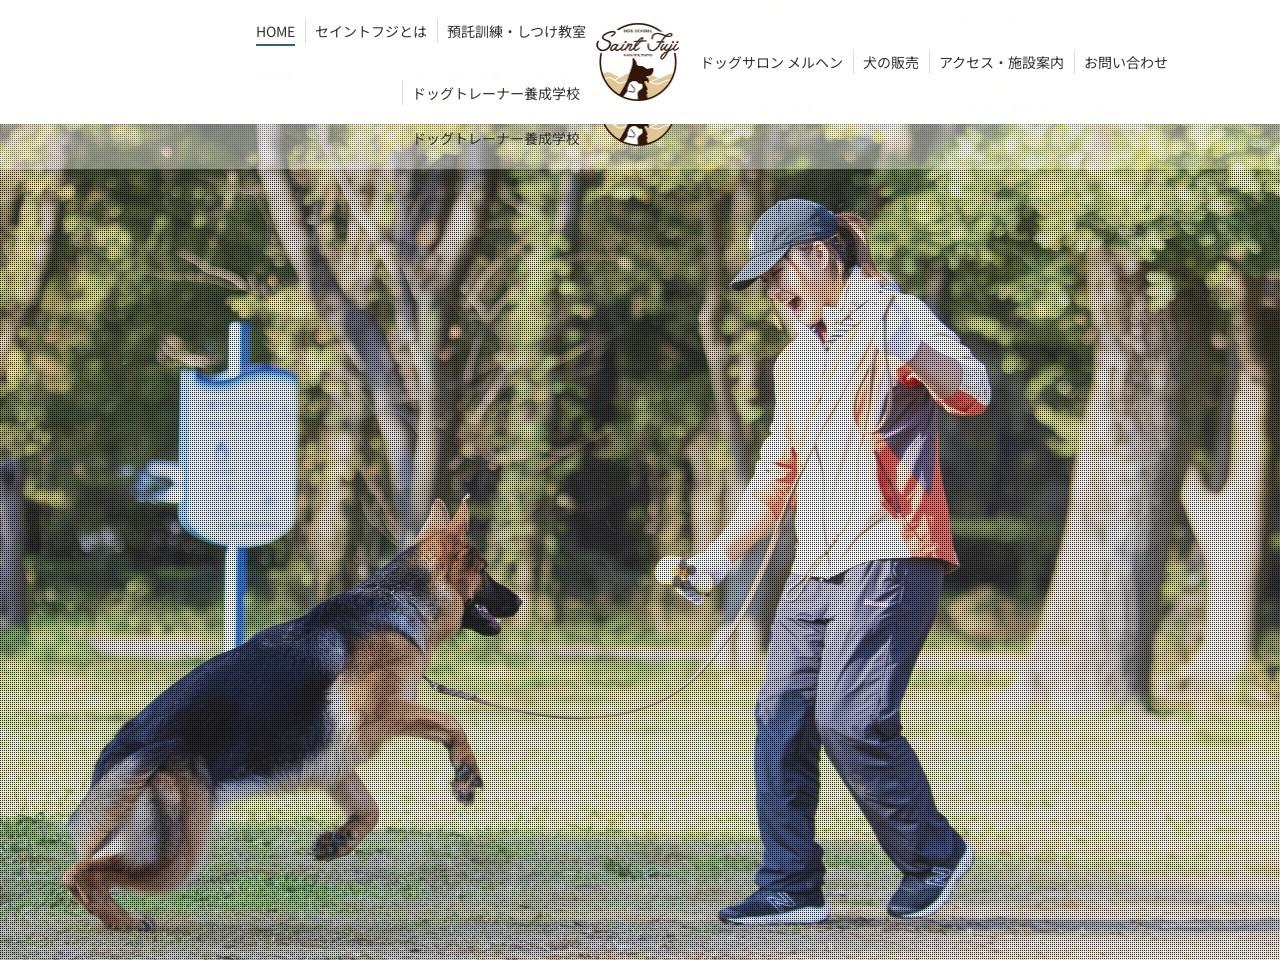 中央警察犬家庭犬訓練学校